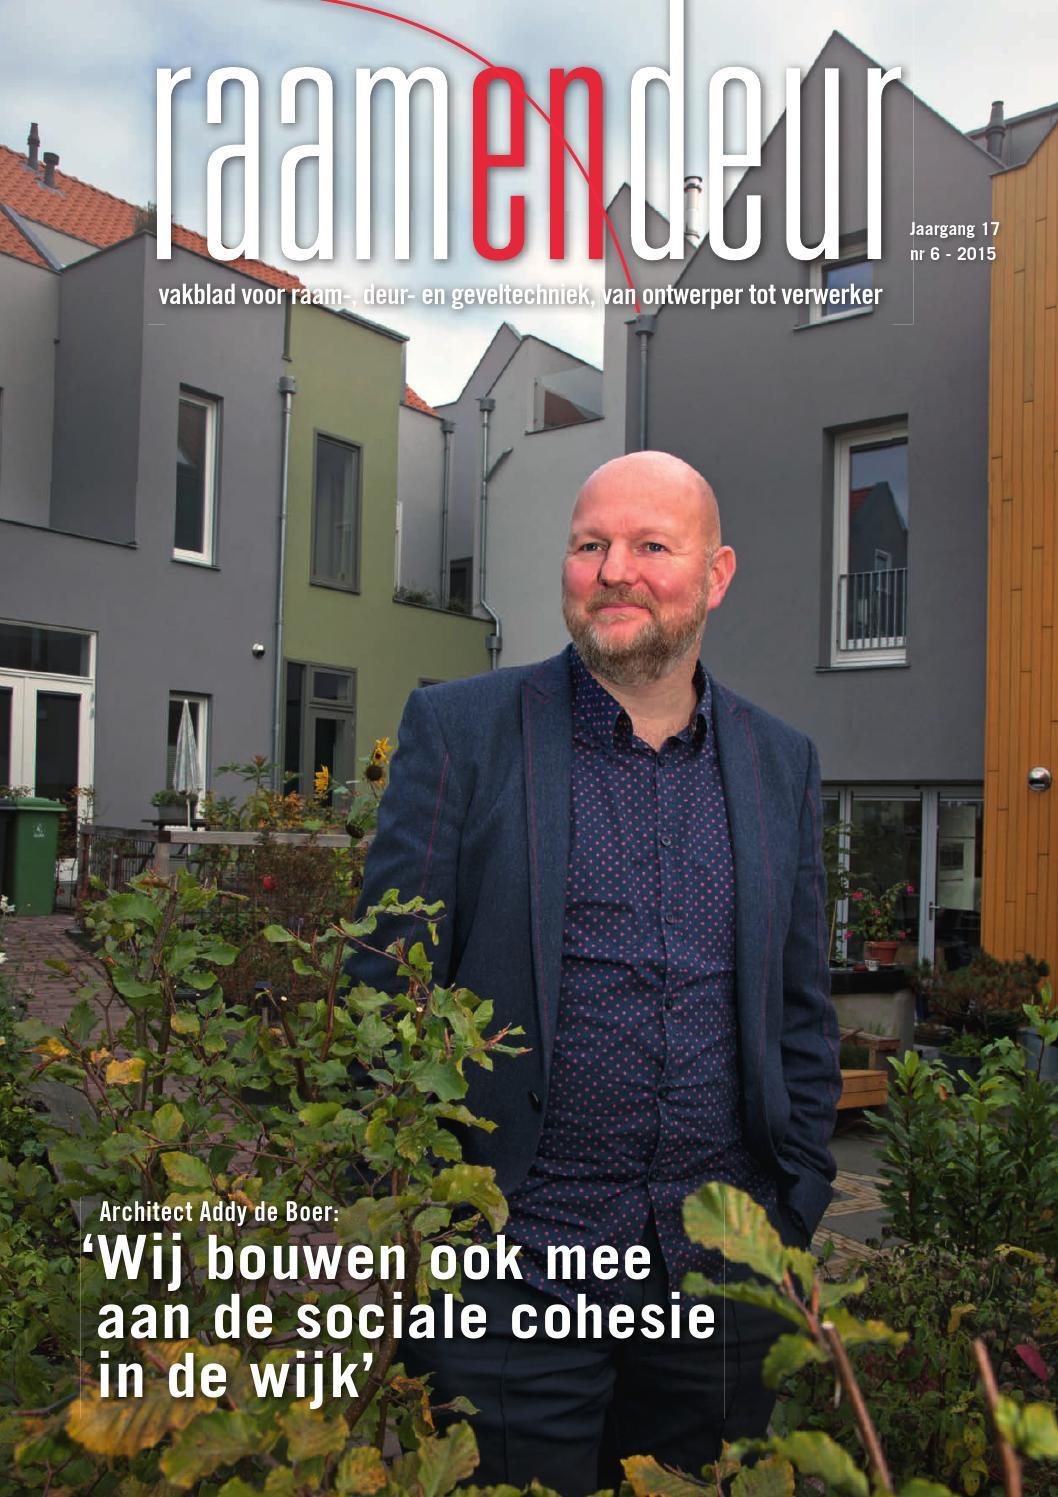 Raam en deur 6 2015 by edgar molijn   issuu